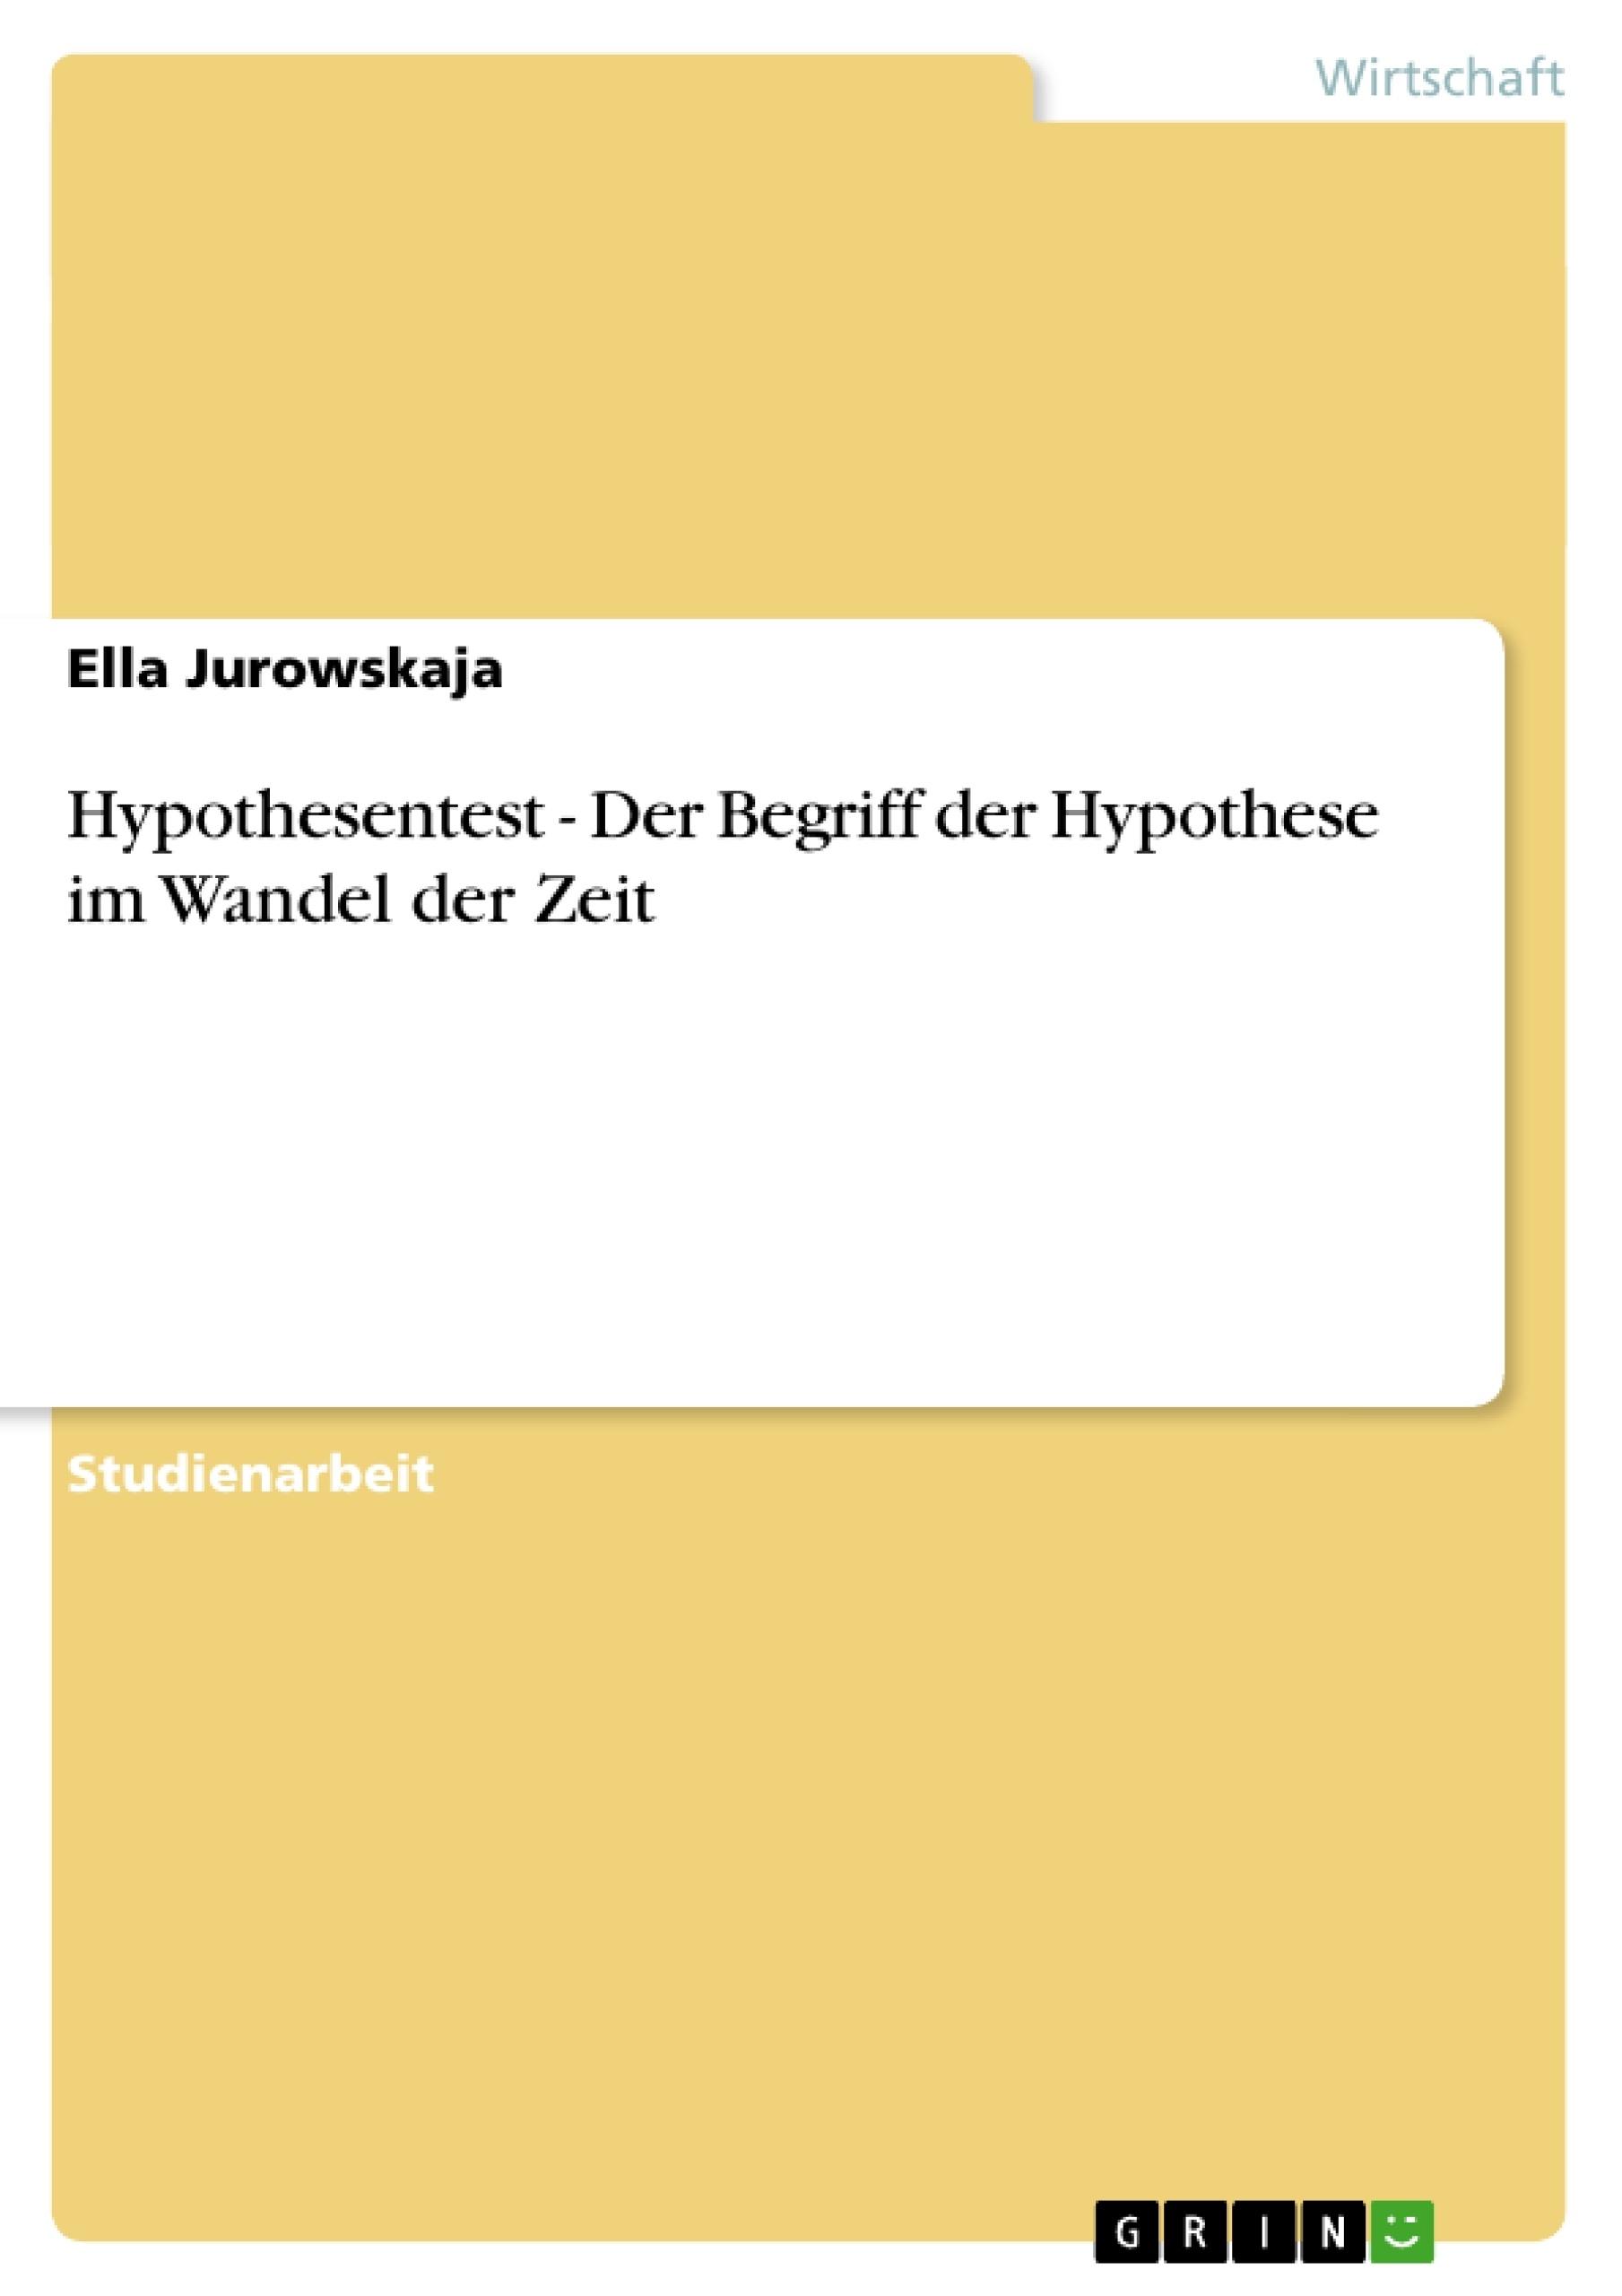 Titel: Hypothesentest  -  Der Begriff der Hypothese im Wandel der Zeit